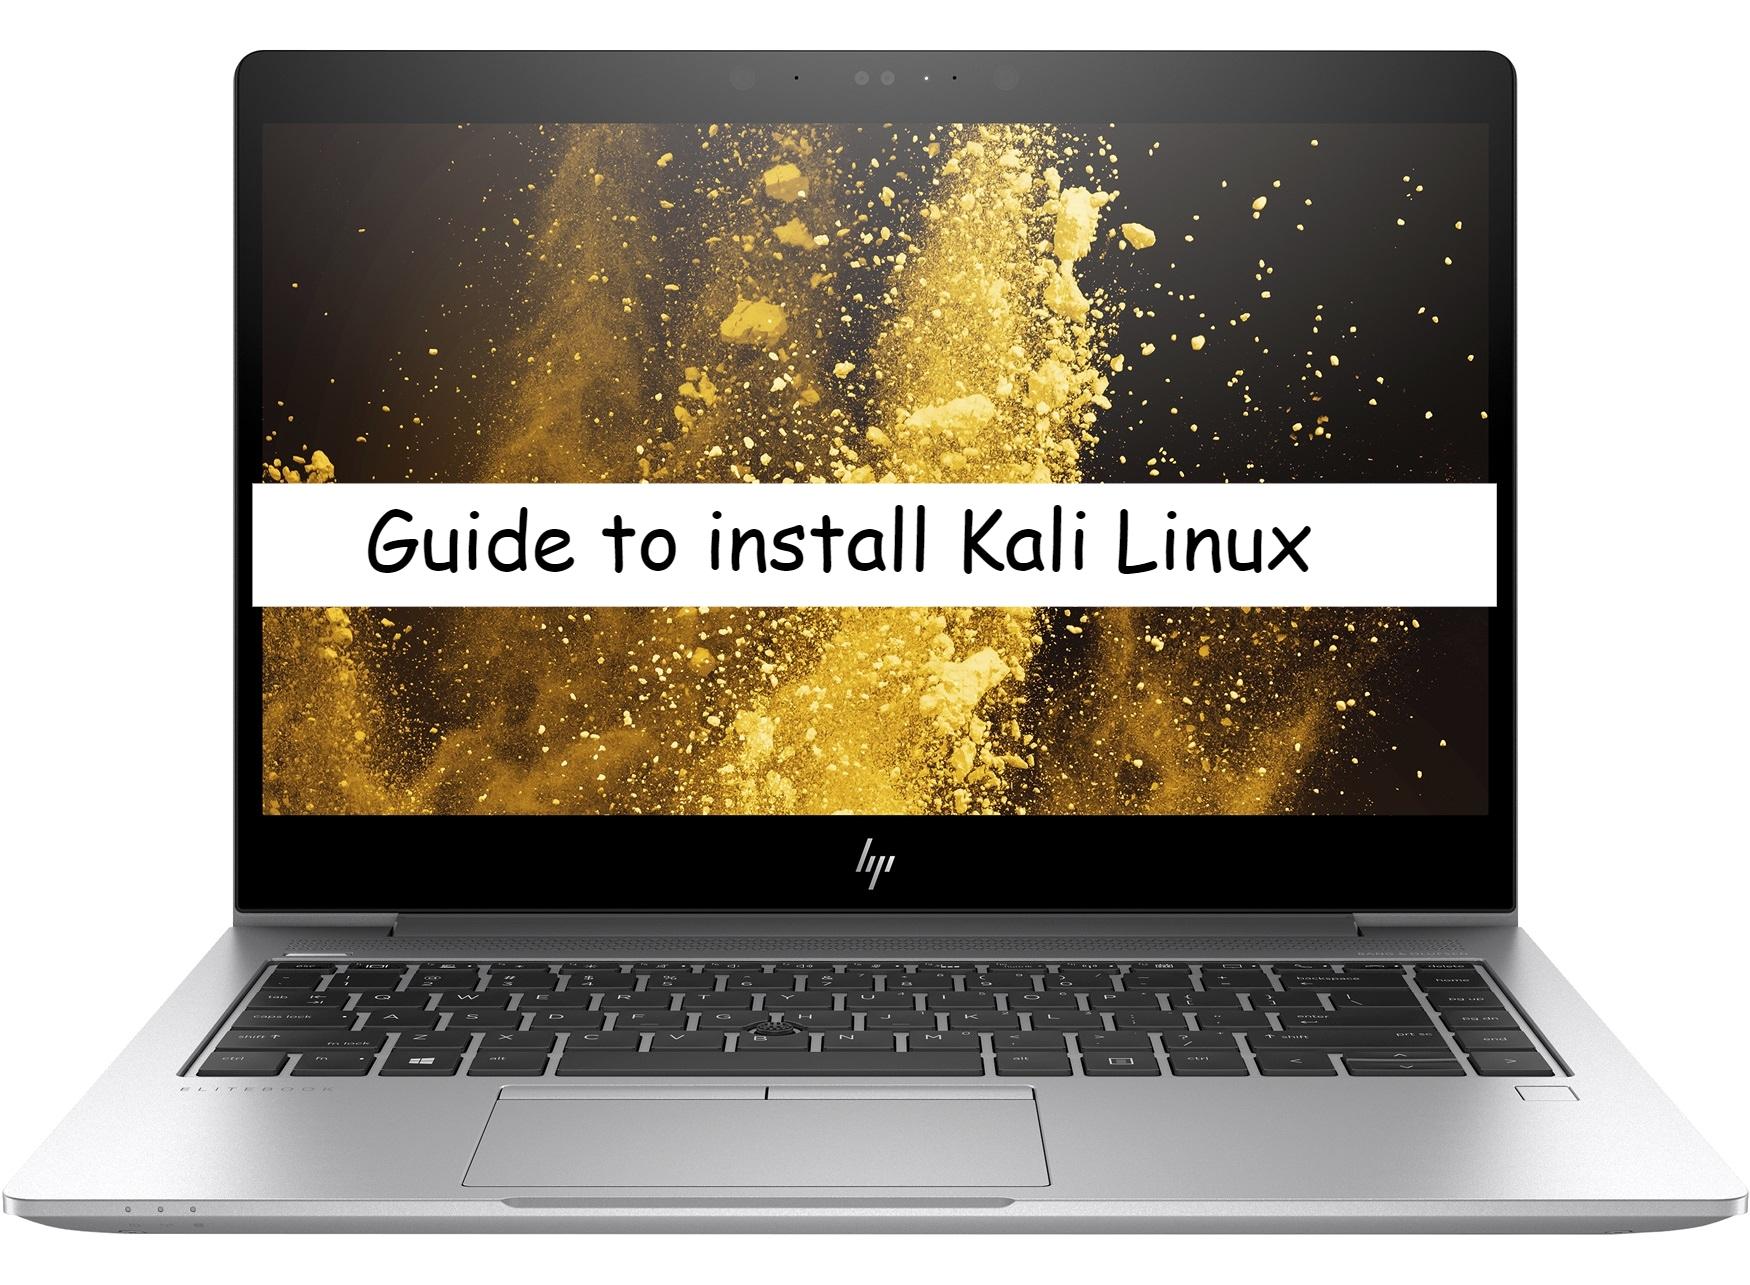 HP Elitebook 840 Kali Linux